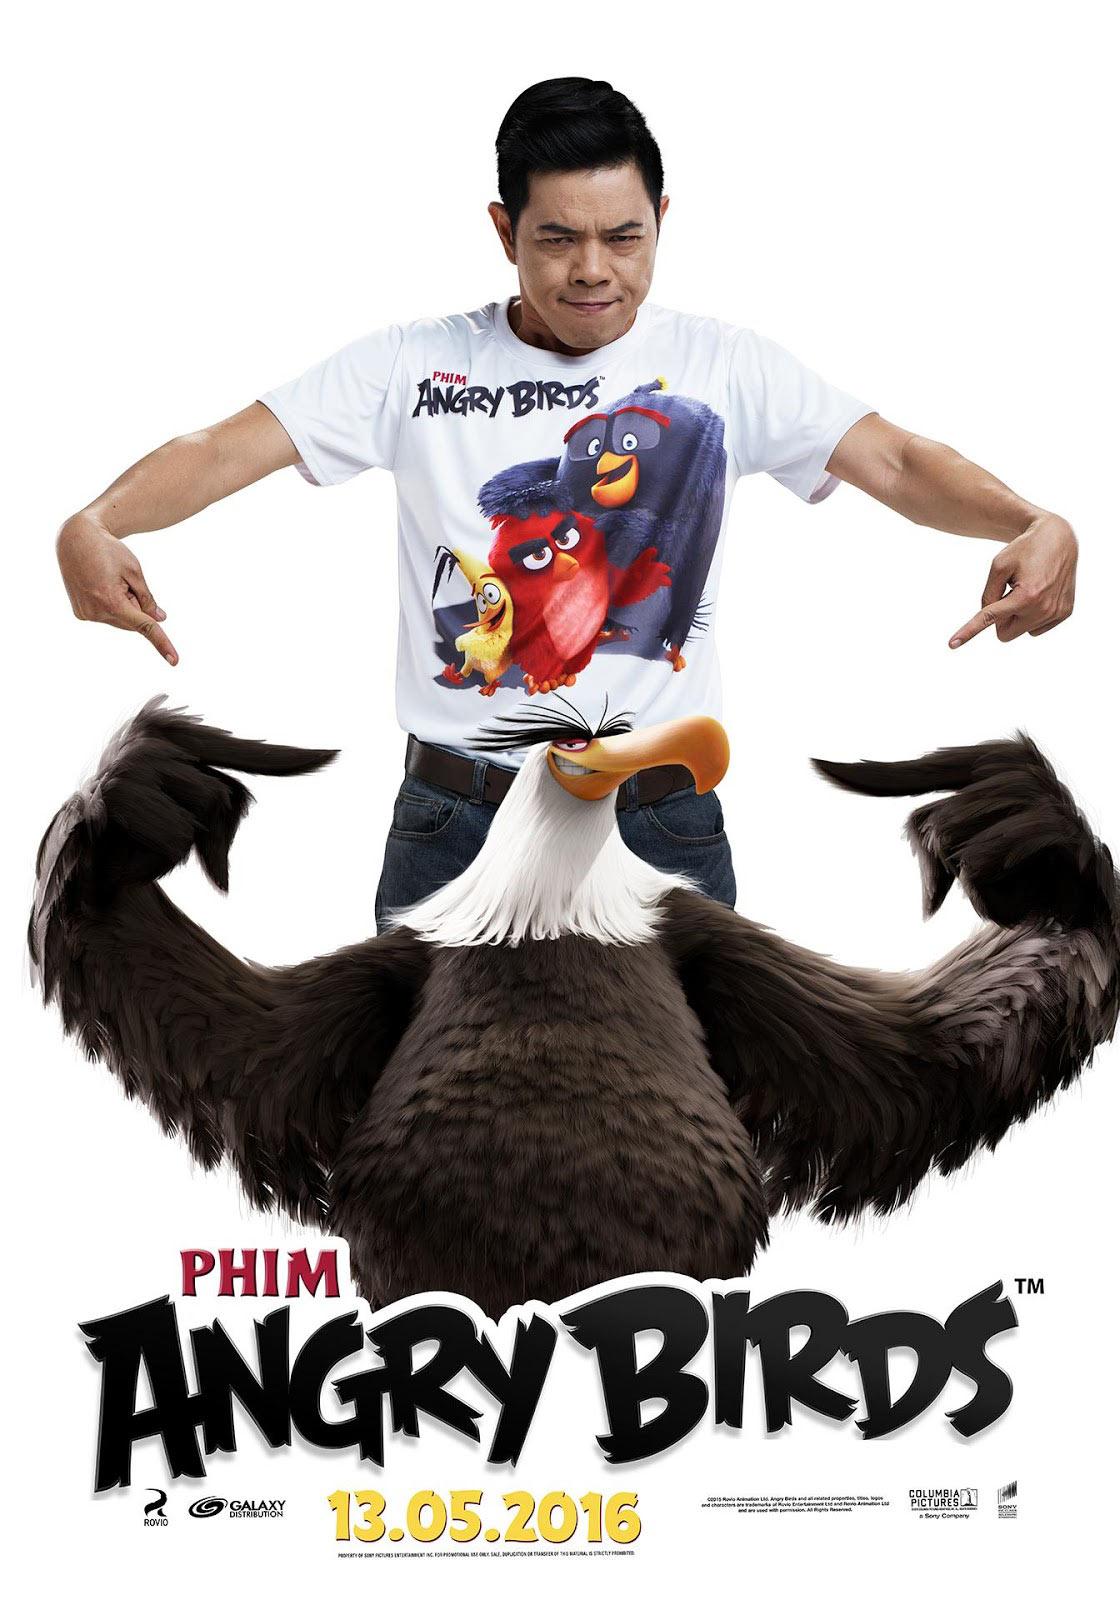 Thái Hoà lồng tiếng Angry Birds